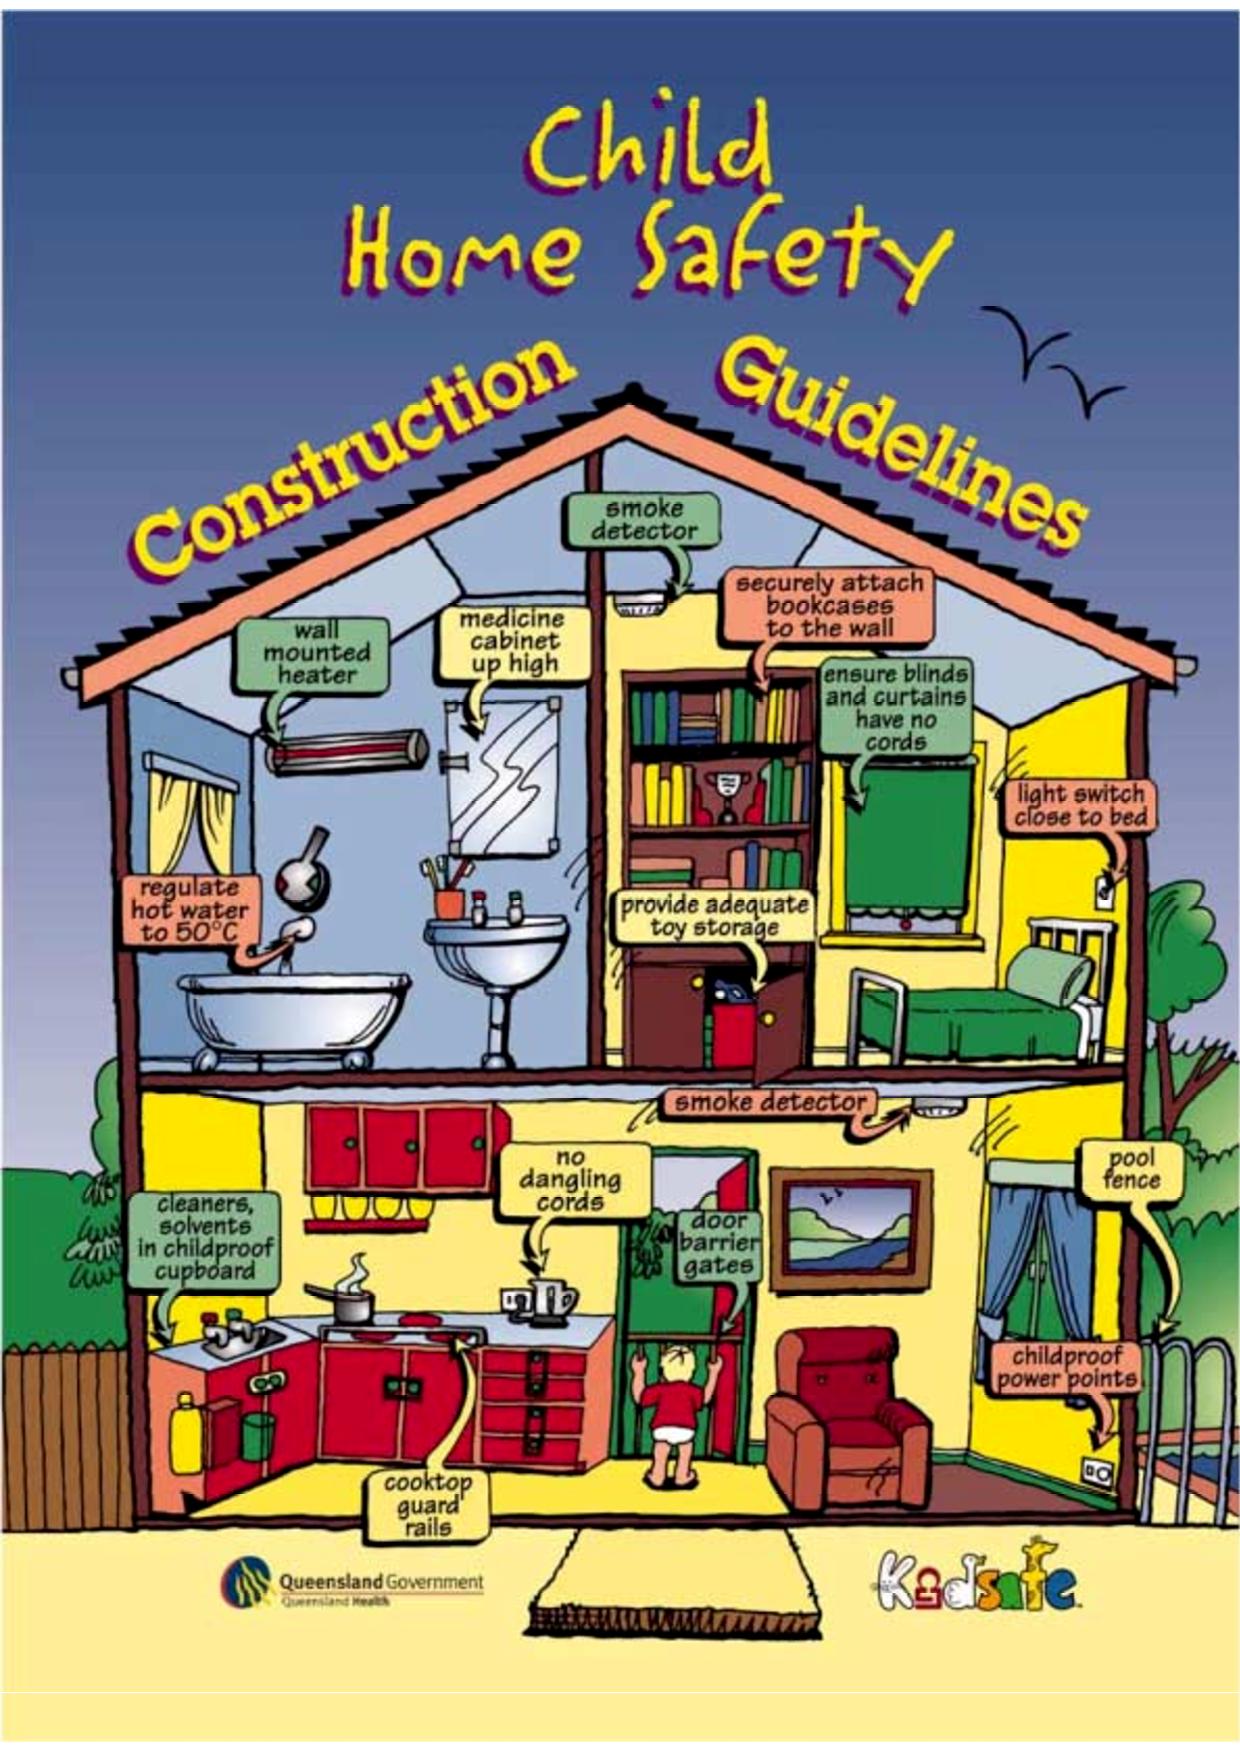 wie mache ich mein haus f r kinder sicher how to make my home safe for children child. Black Bedroom Furniture Sets. Home Design Ideas